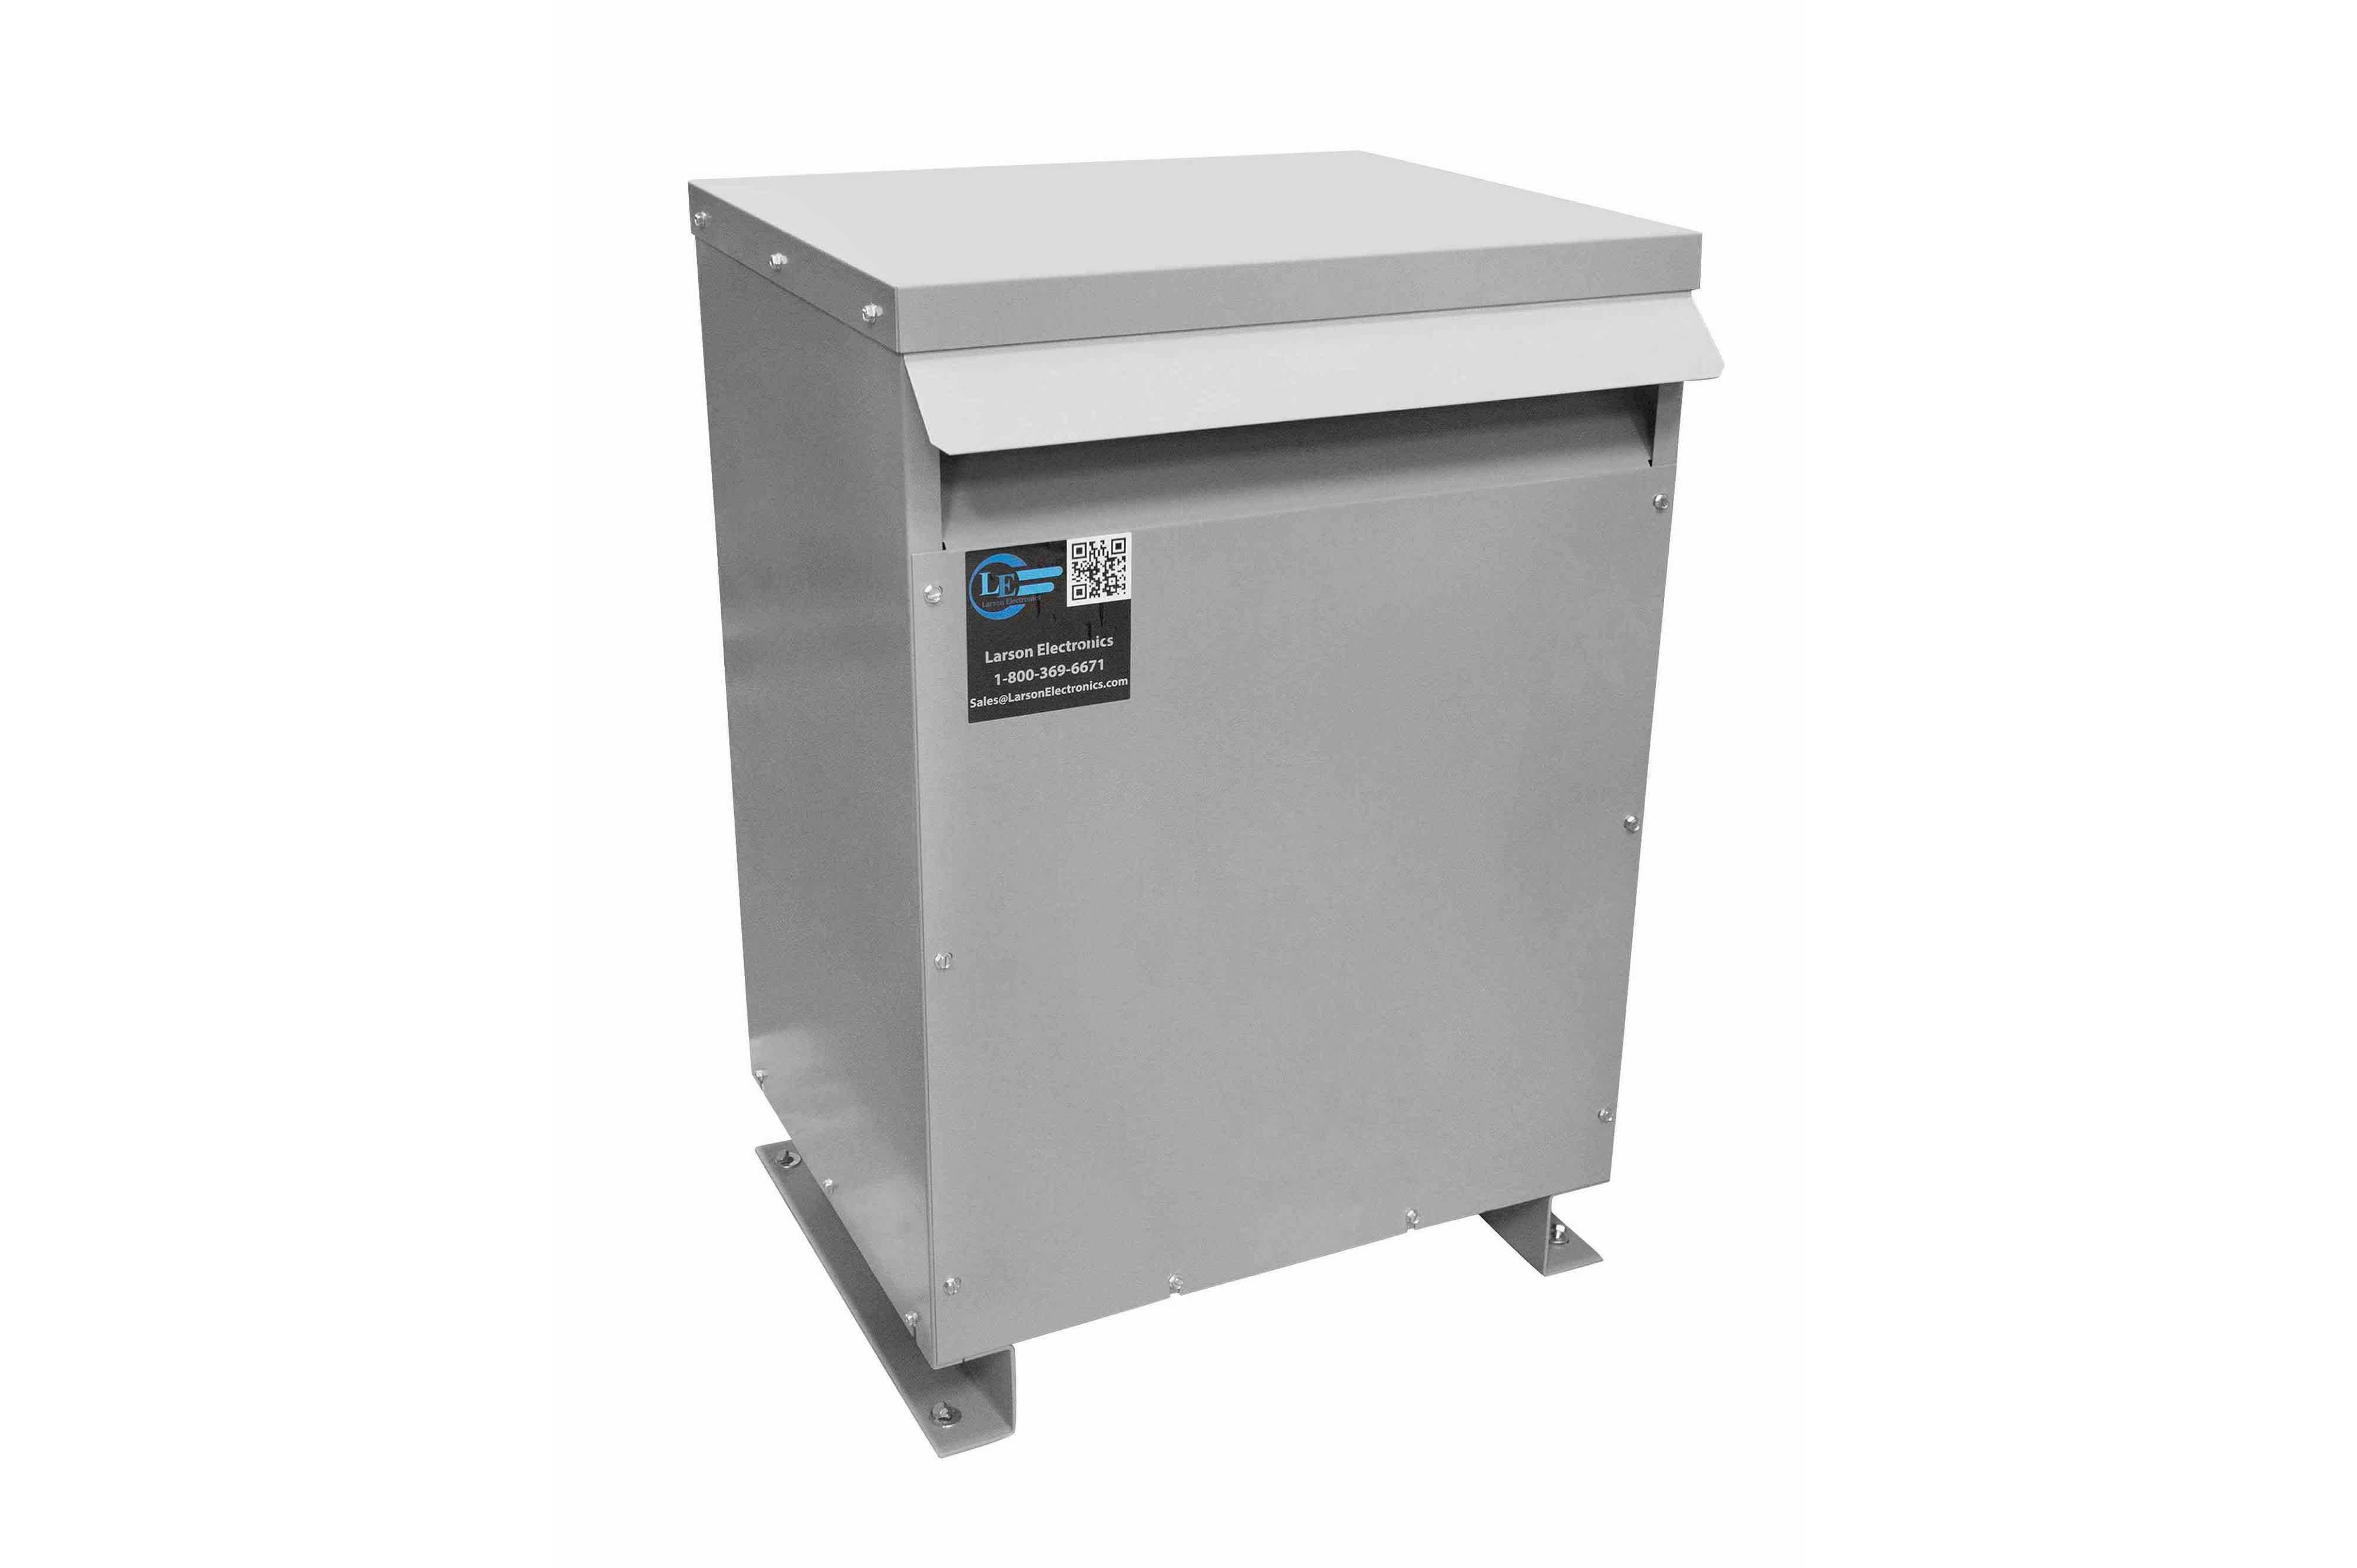 60 kVA 3PH Isolation Transformer, 380V Delta Primary, 600V Delta Secondary, N3R, Ventilated, 60 Hz